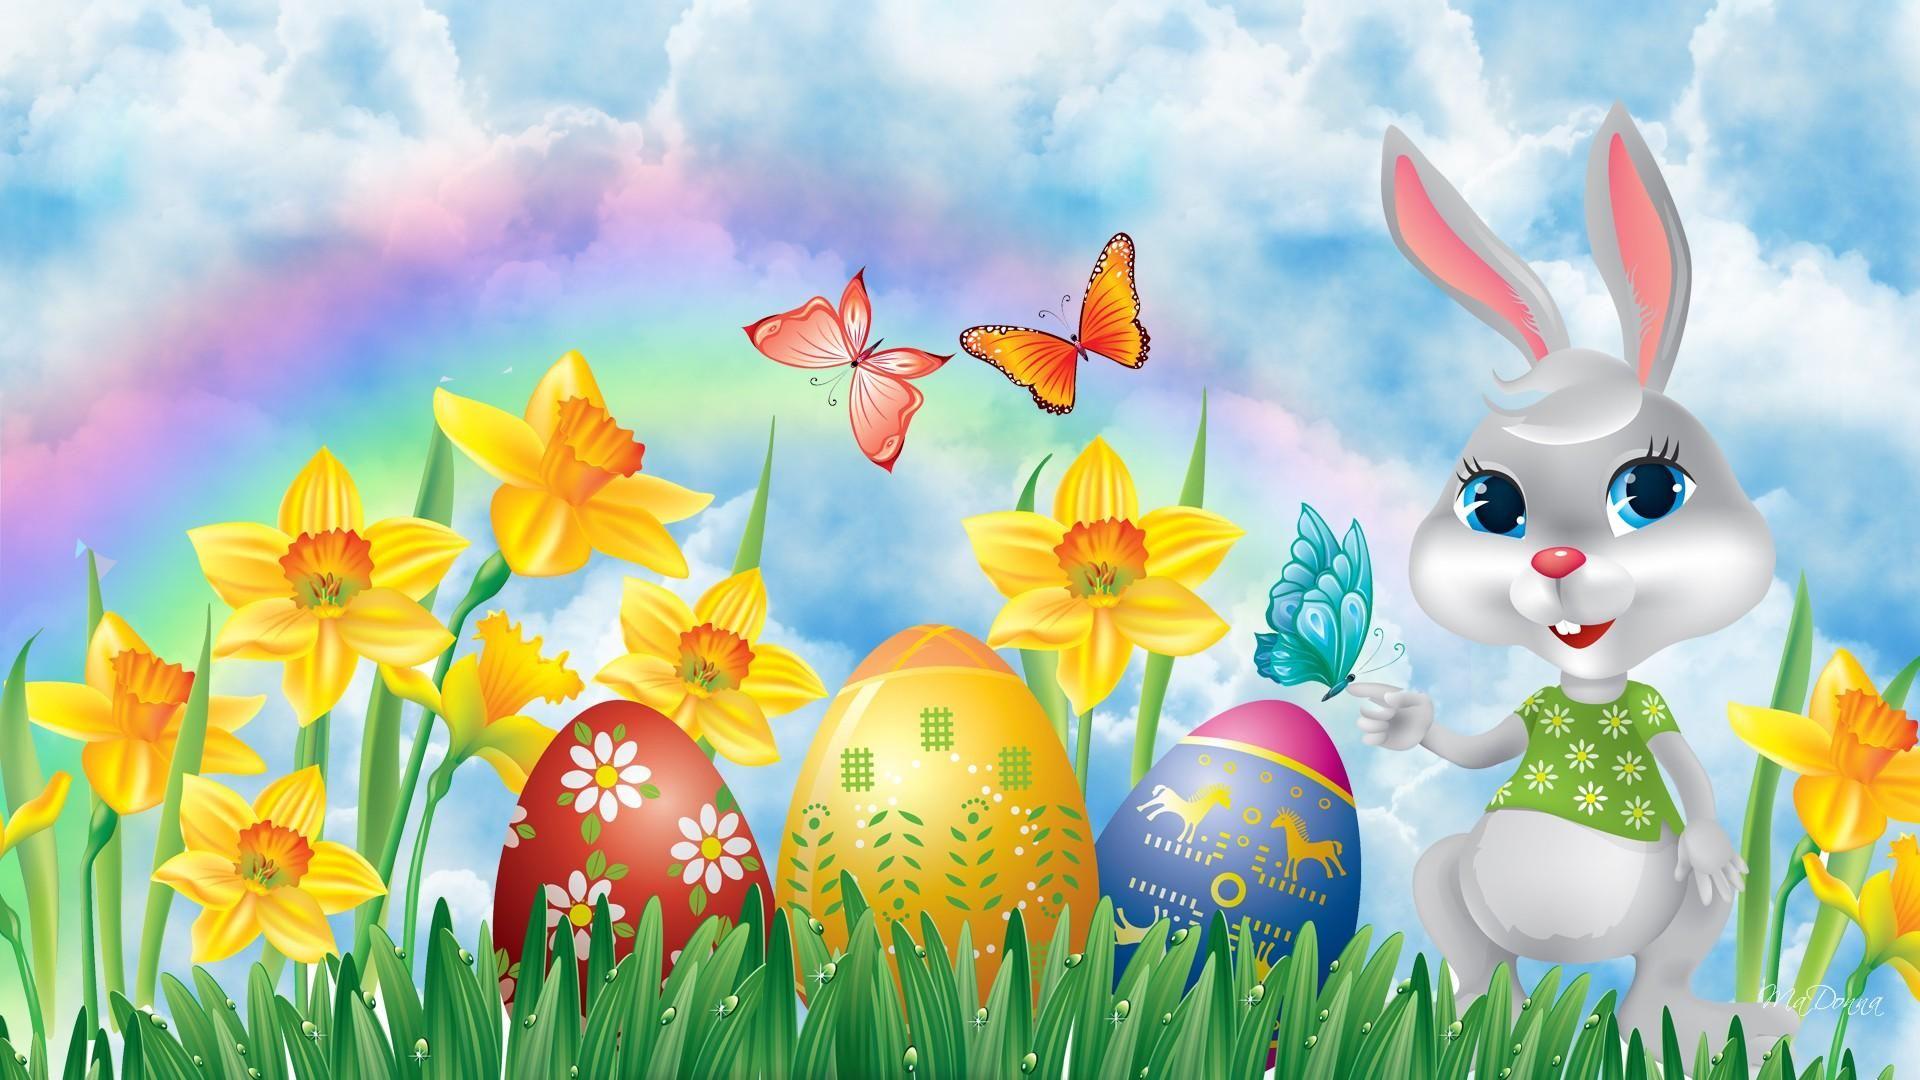 Cartoon Easter Bunny Google Trsene Easter Wallpaper Happy Easter Wallpaper Happy Easter Pictures